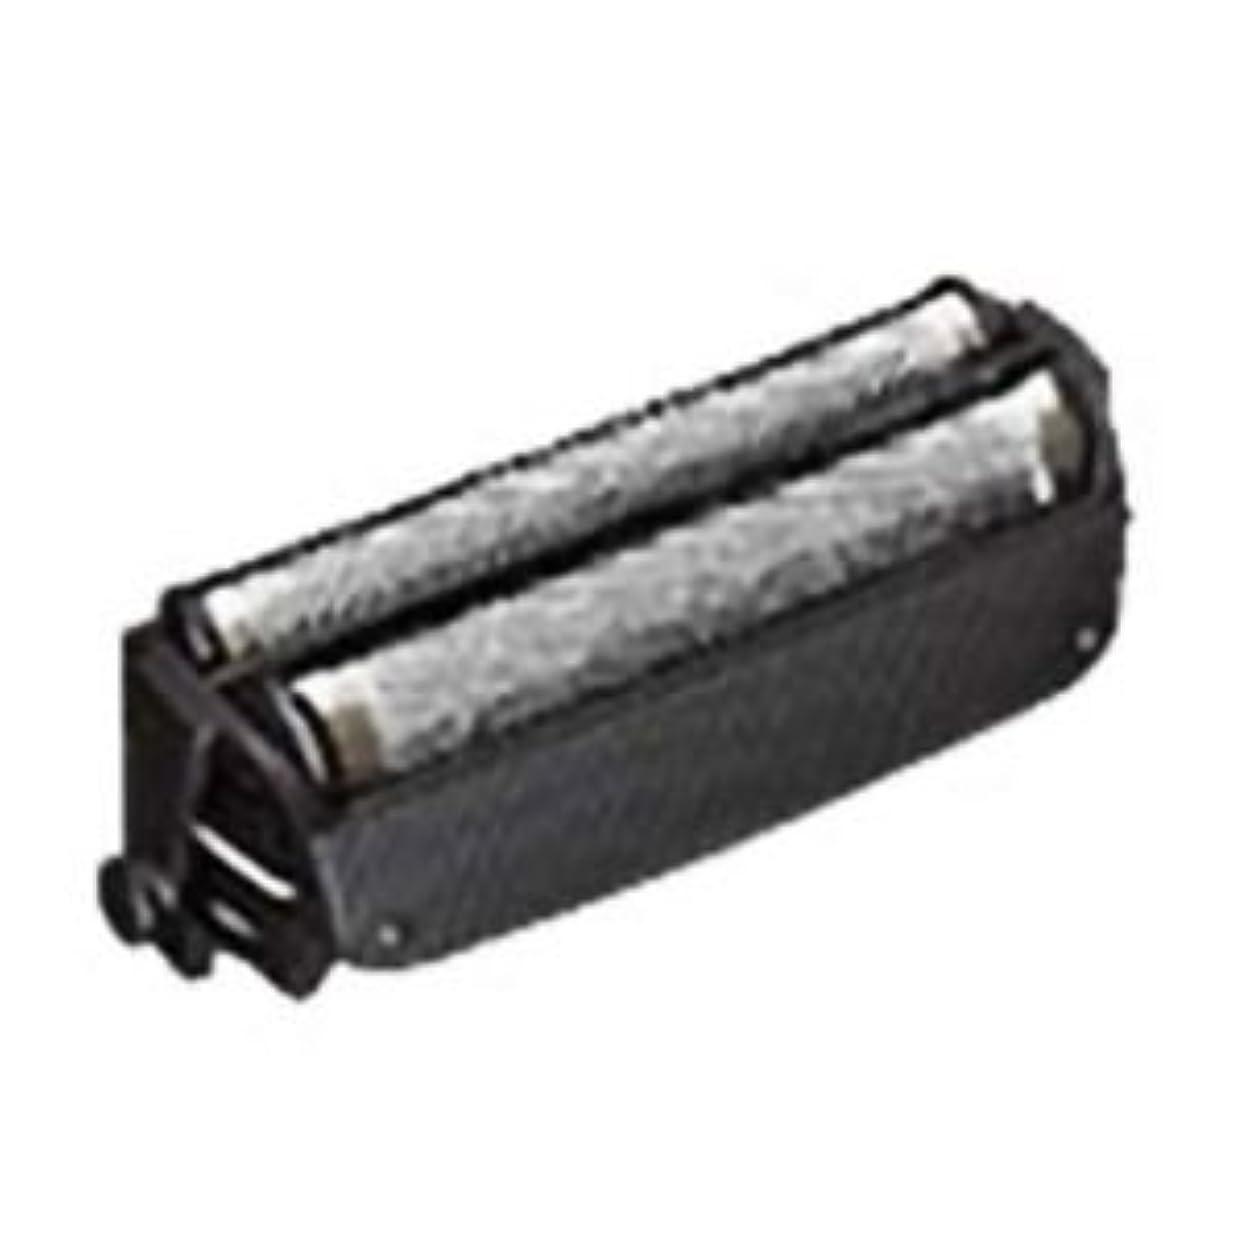 ダース民主党トリクルパナソニック メンズシェーバー替刃 外刃 ES9859